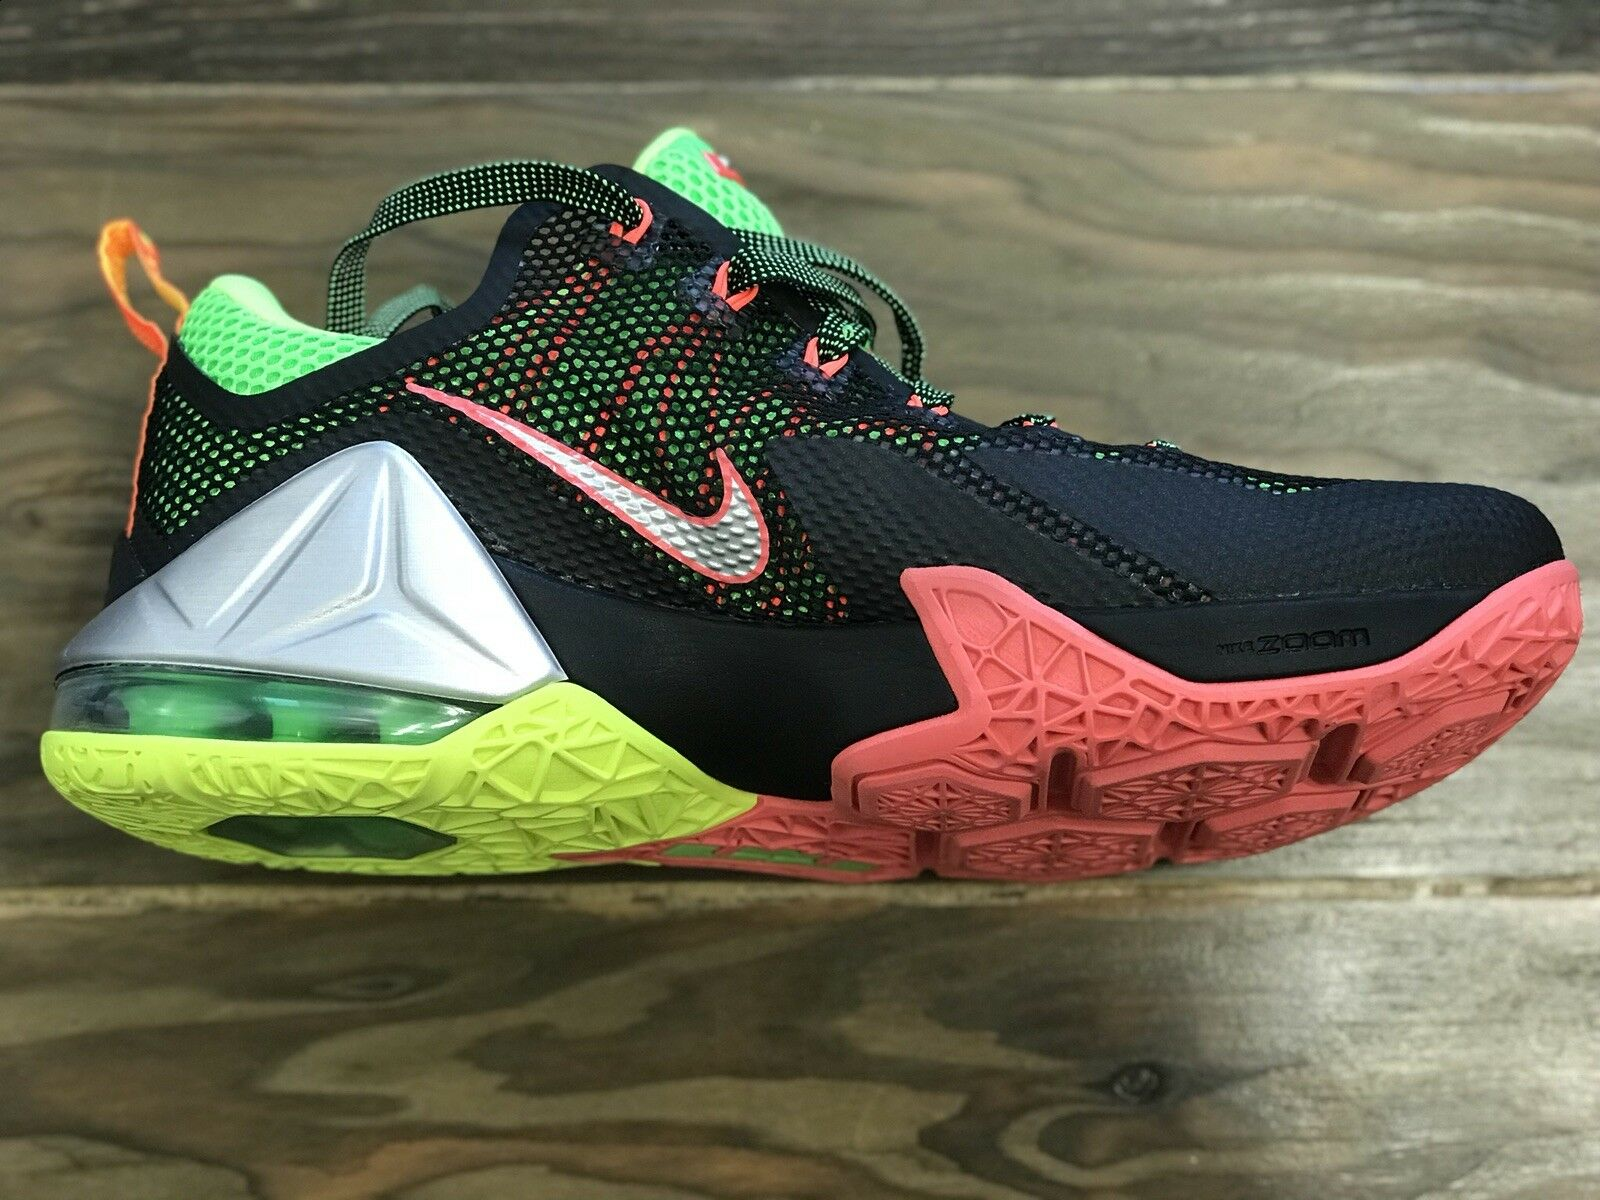 Nike männer lebron xii 12 niedrig 724557 724557 724557 003 schwarz silber neongrün punsch sz 9,5 c115ca